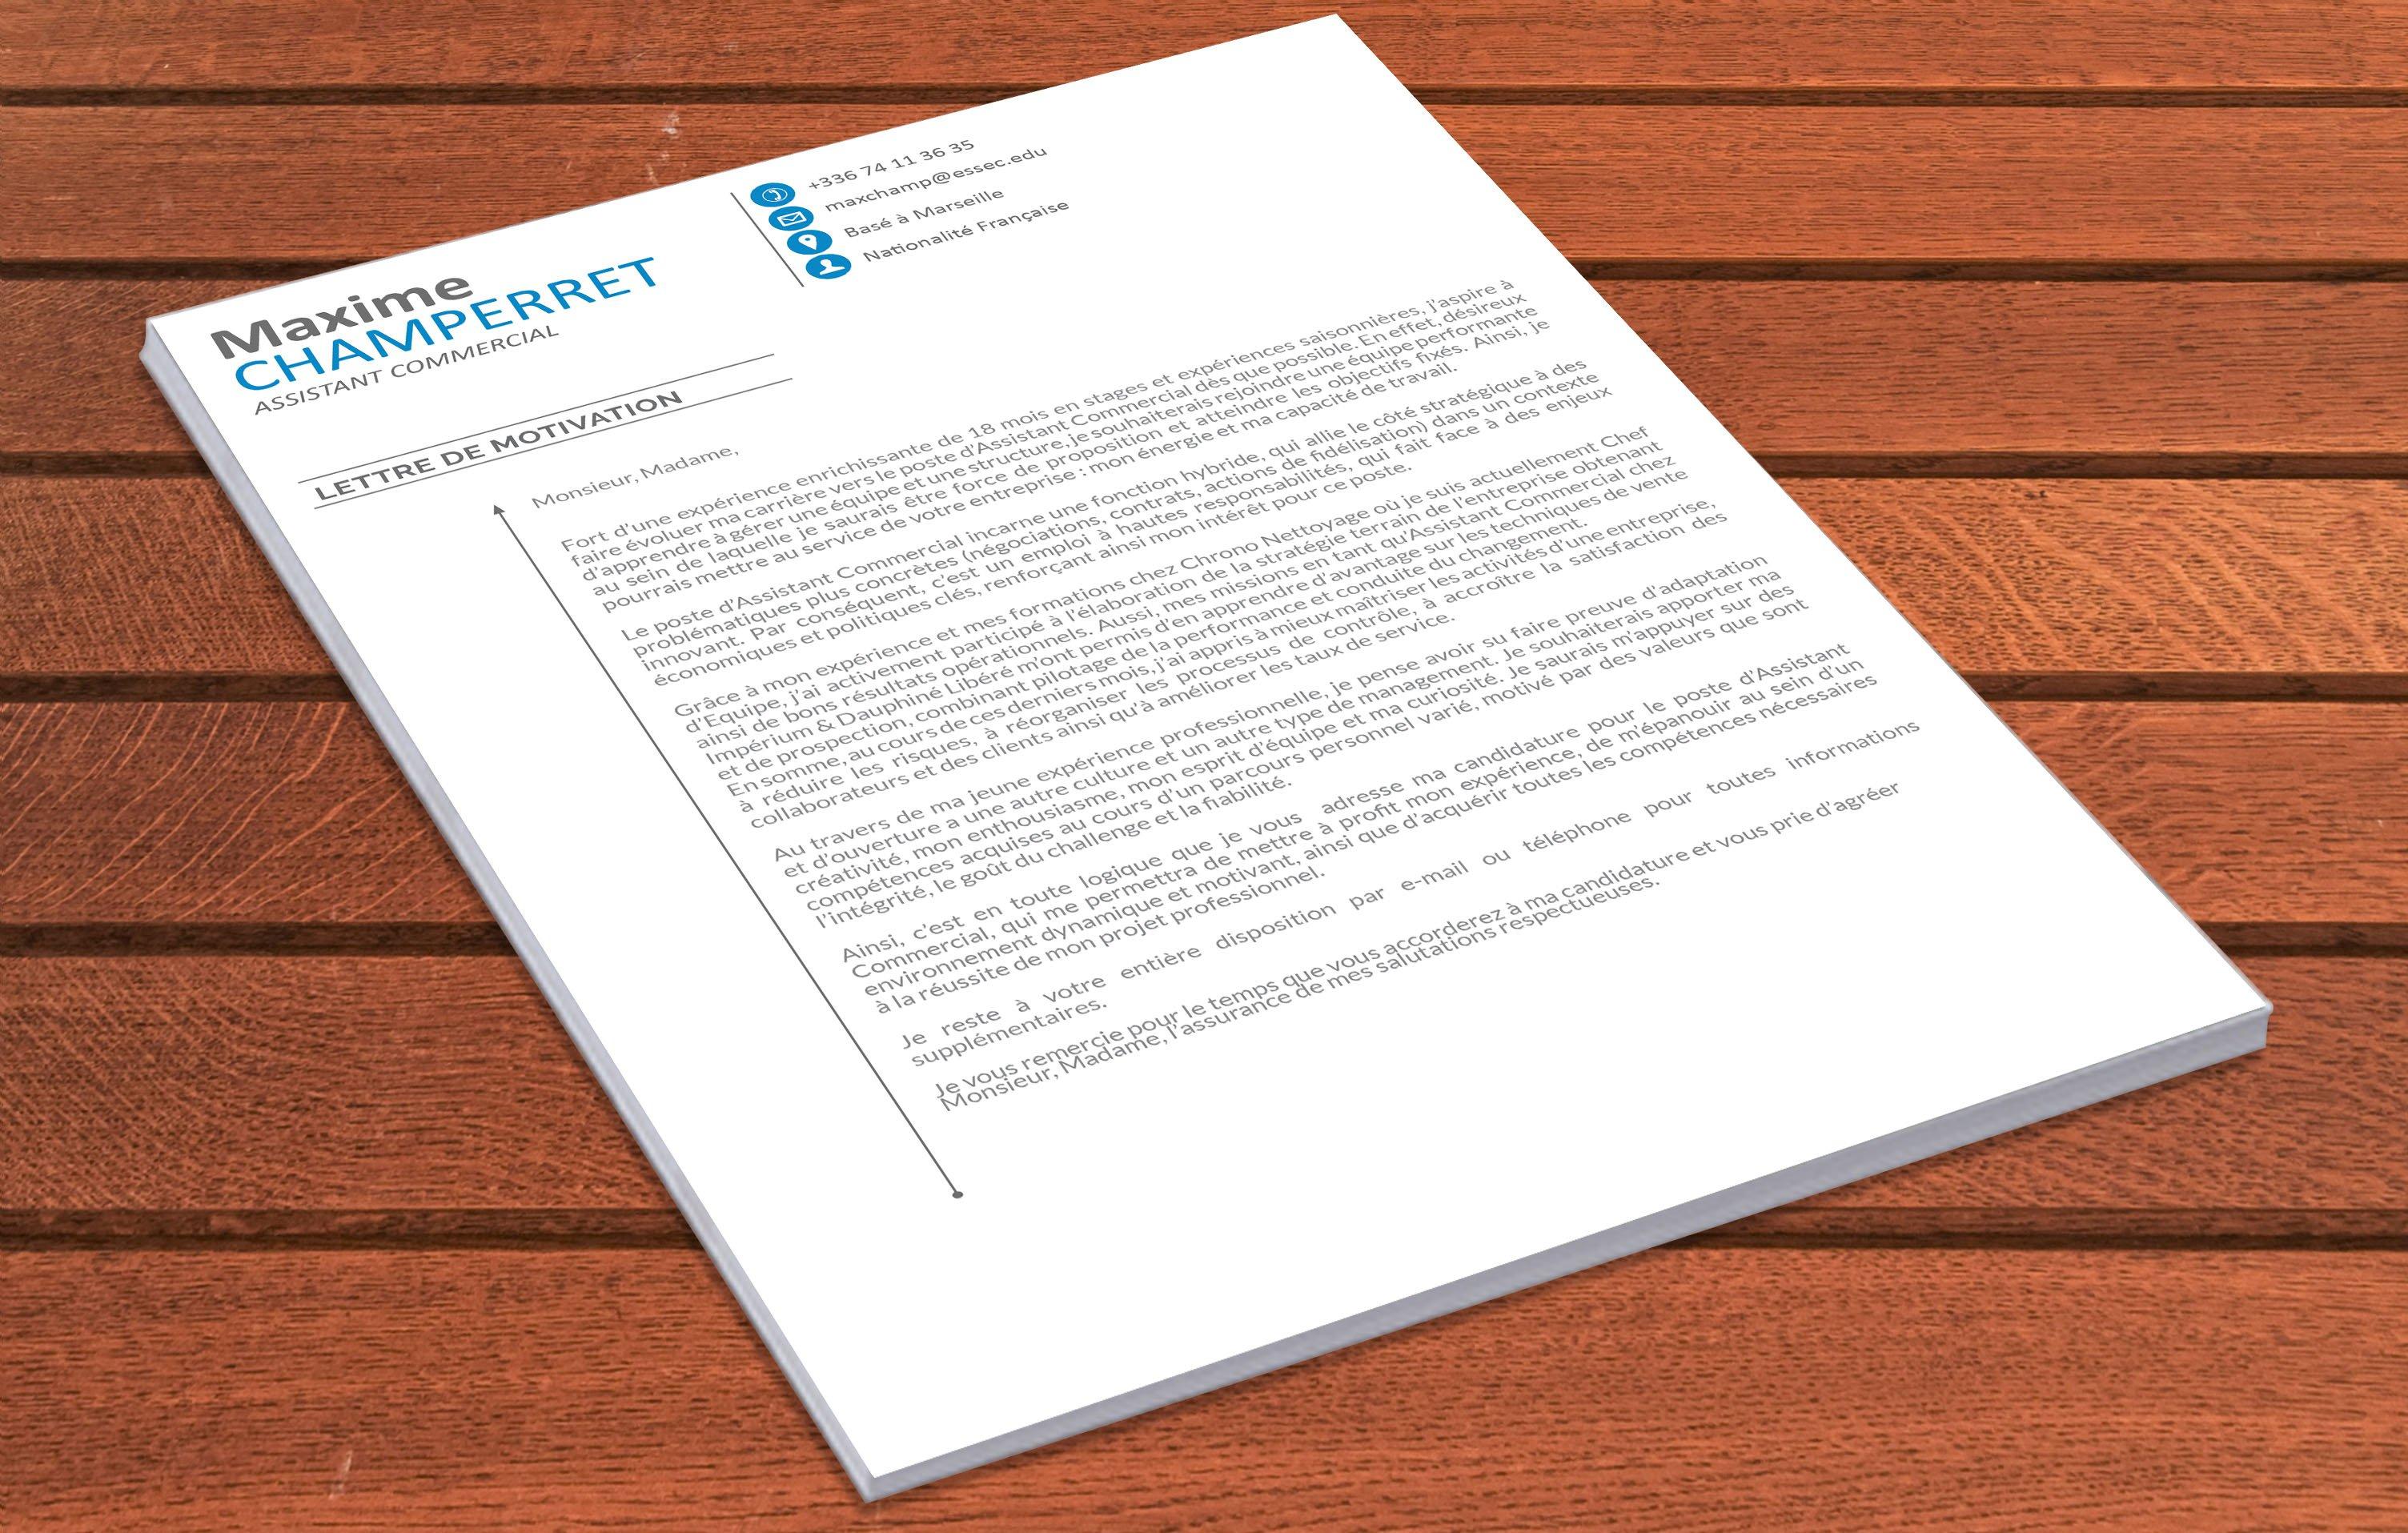 mycvfactory-cover-letter-la-bleuette-3_gNKTqZG.jpg